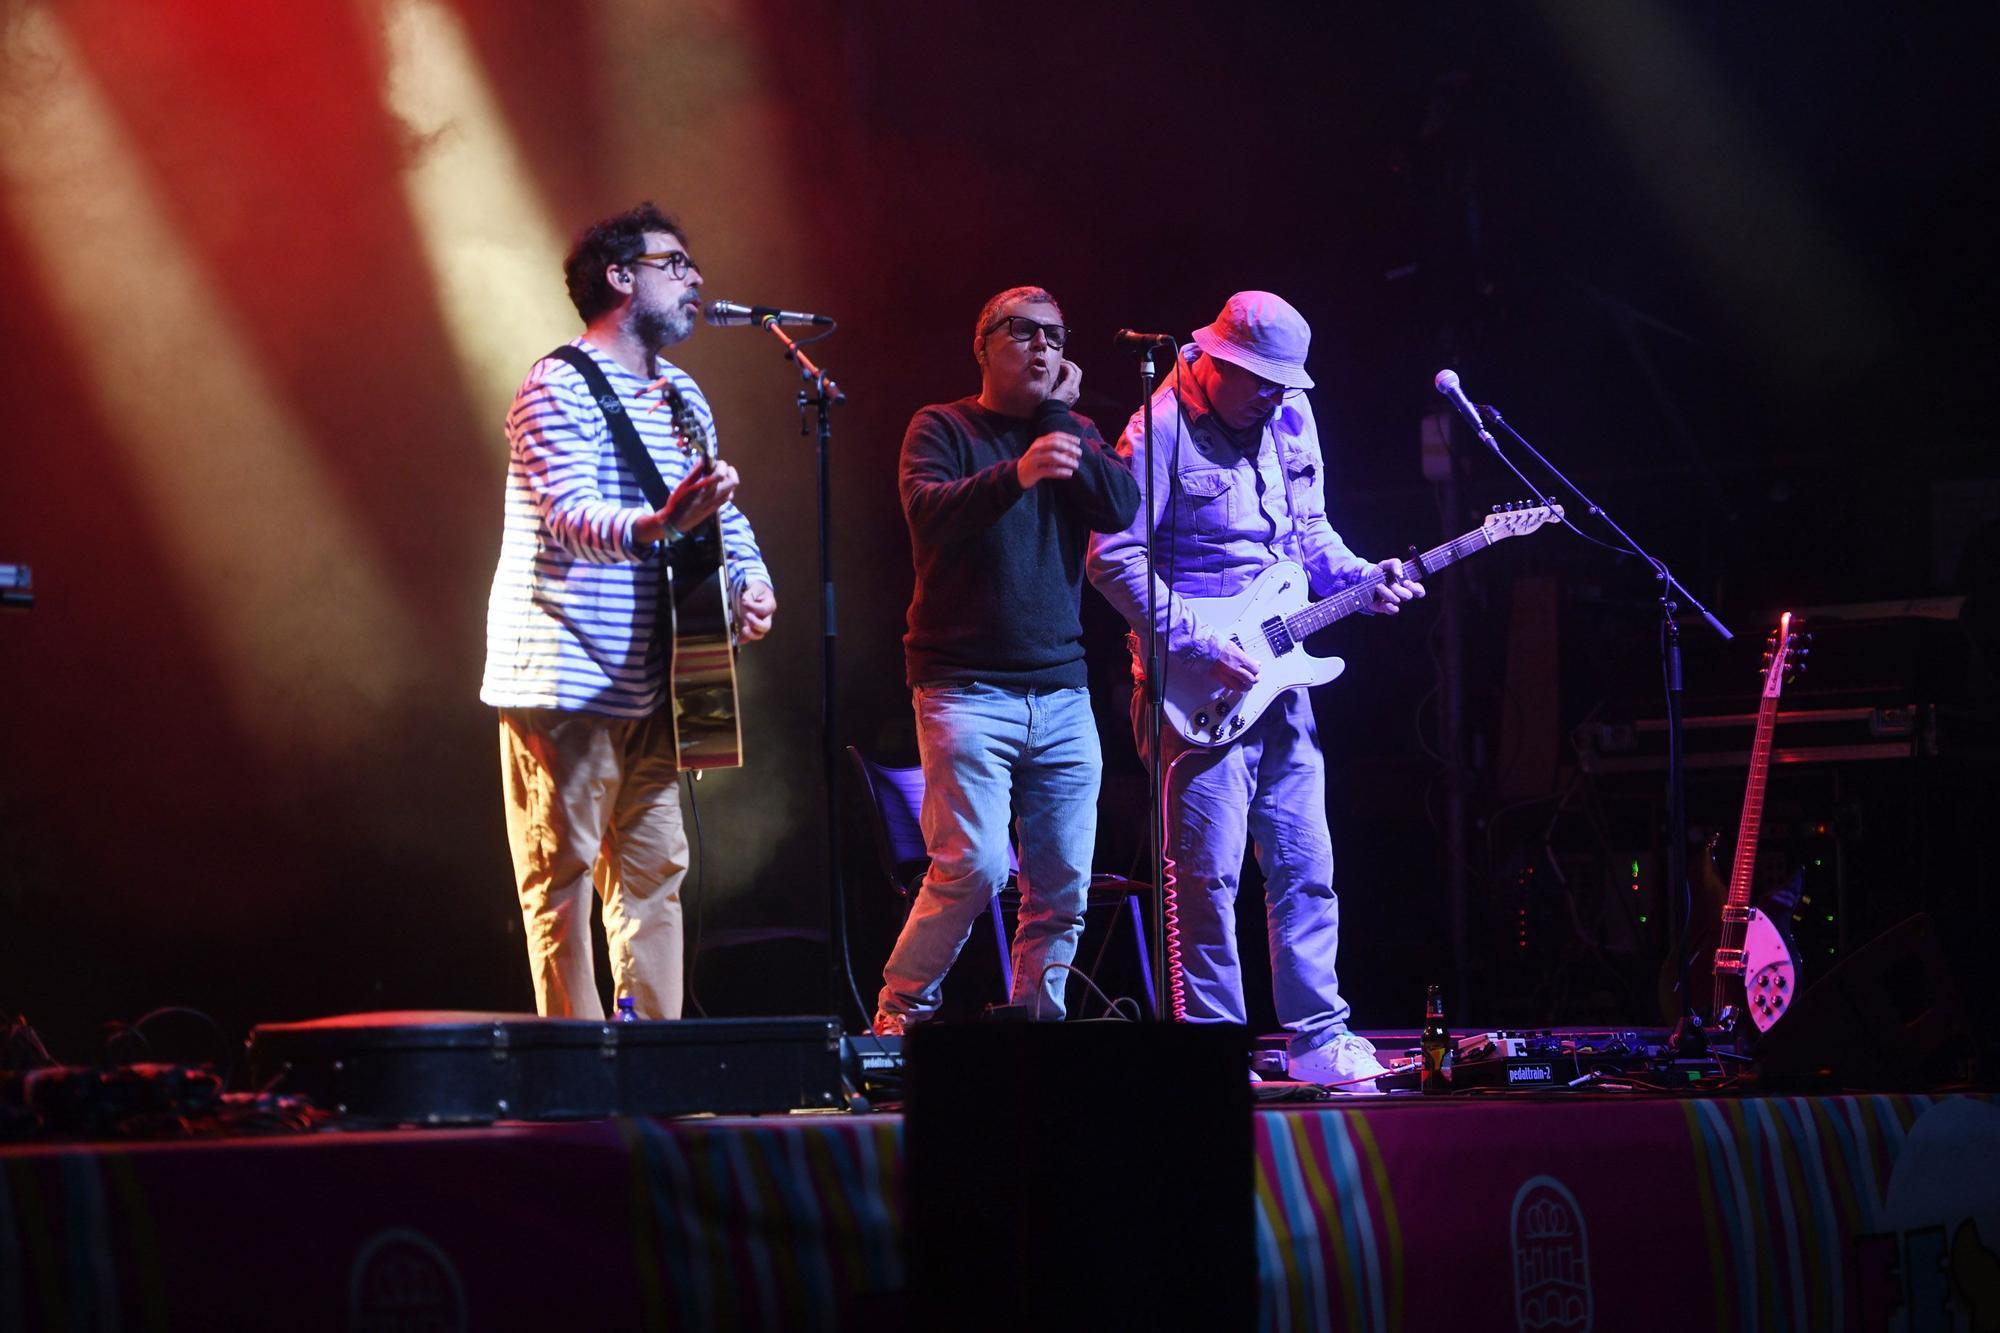 Conciertos La Peregrina Pontevedra: Combo Paradiso y Amaro Ferreiro con sorpresa final